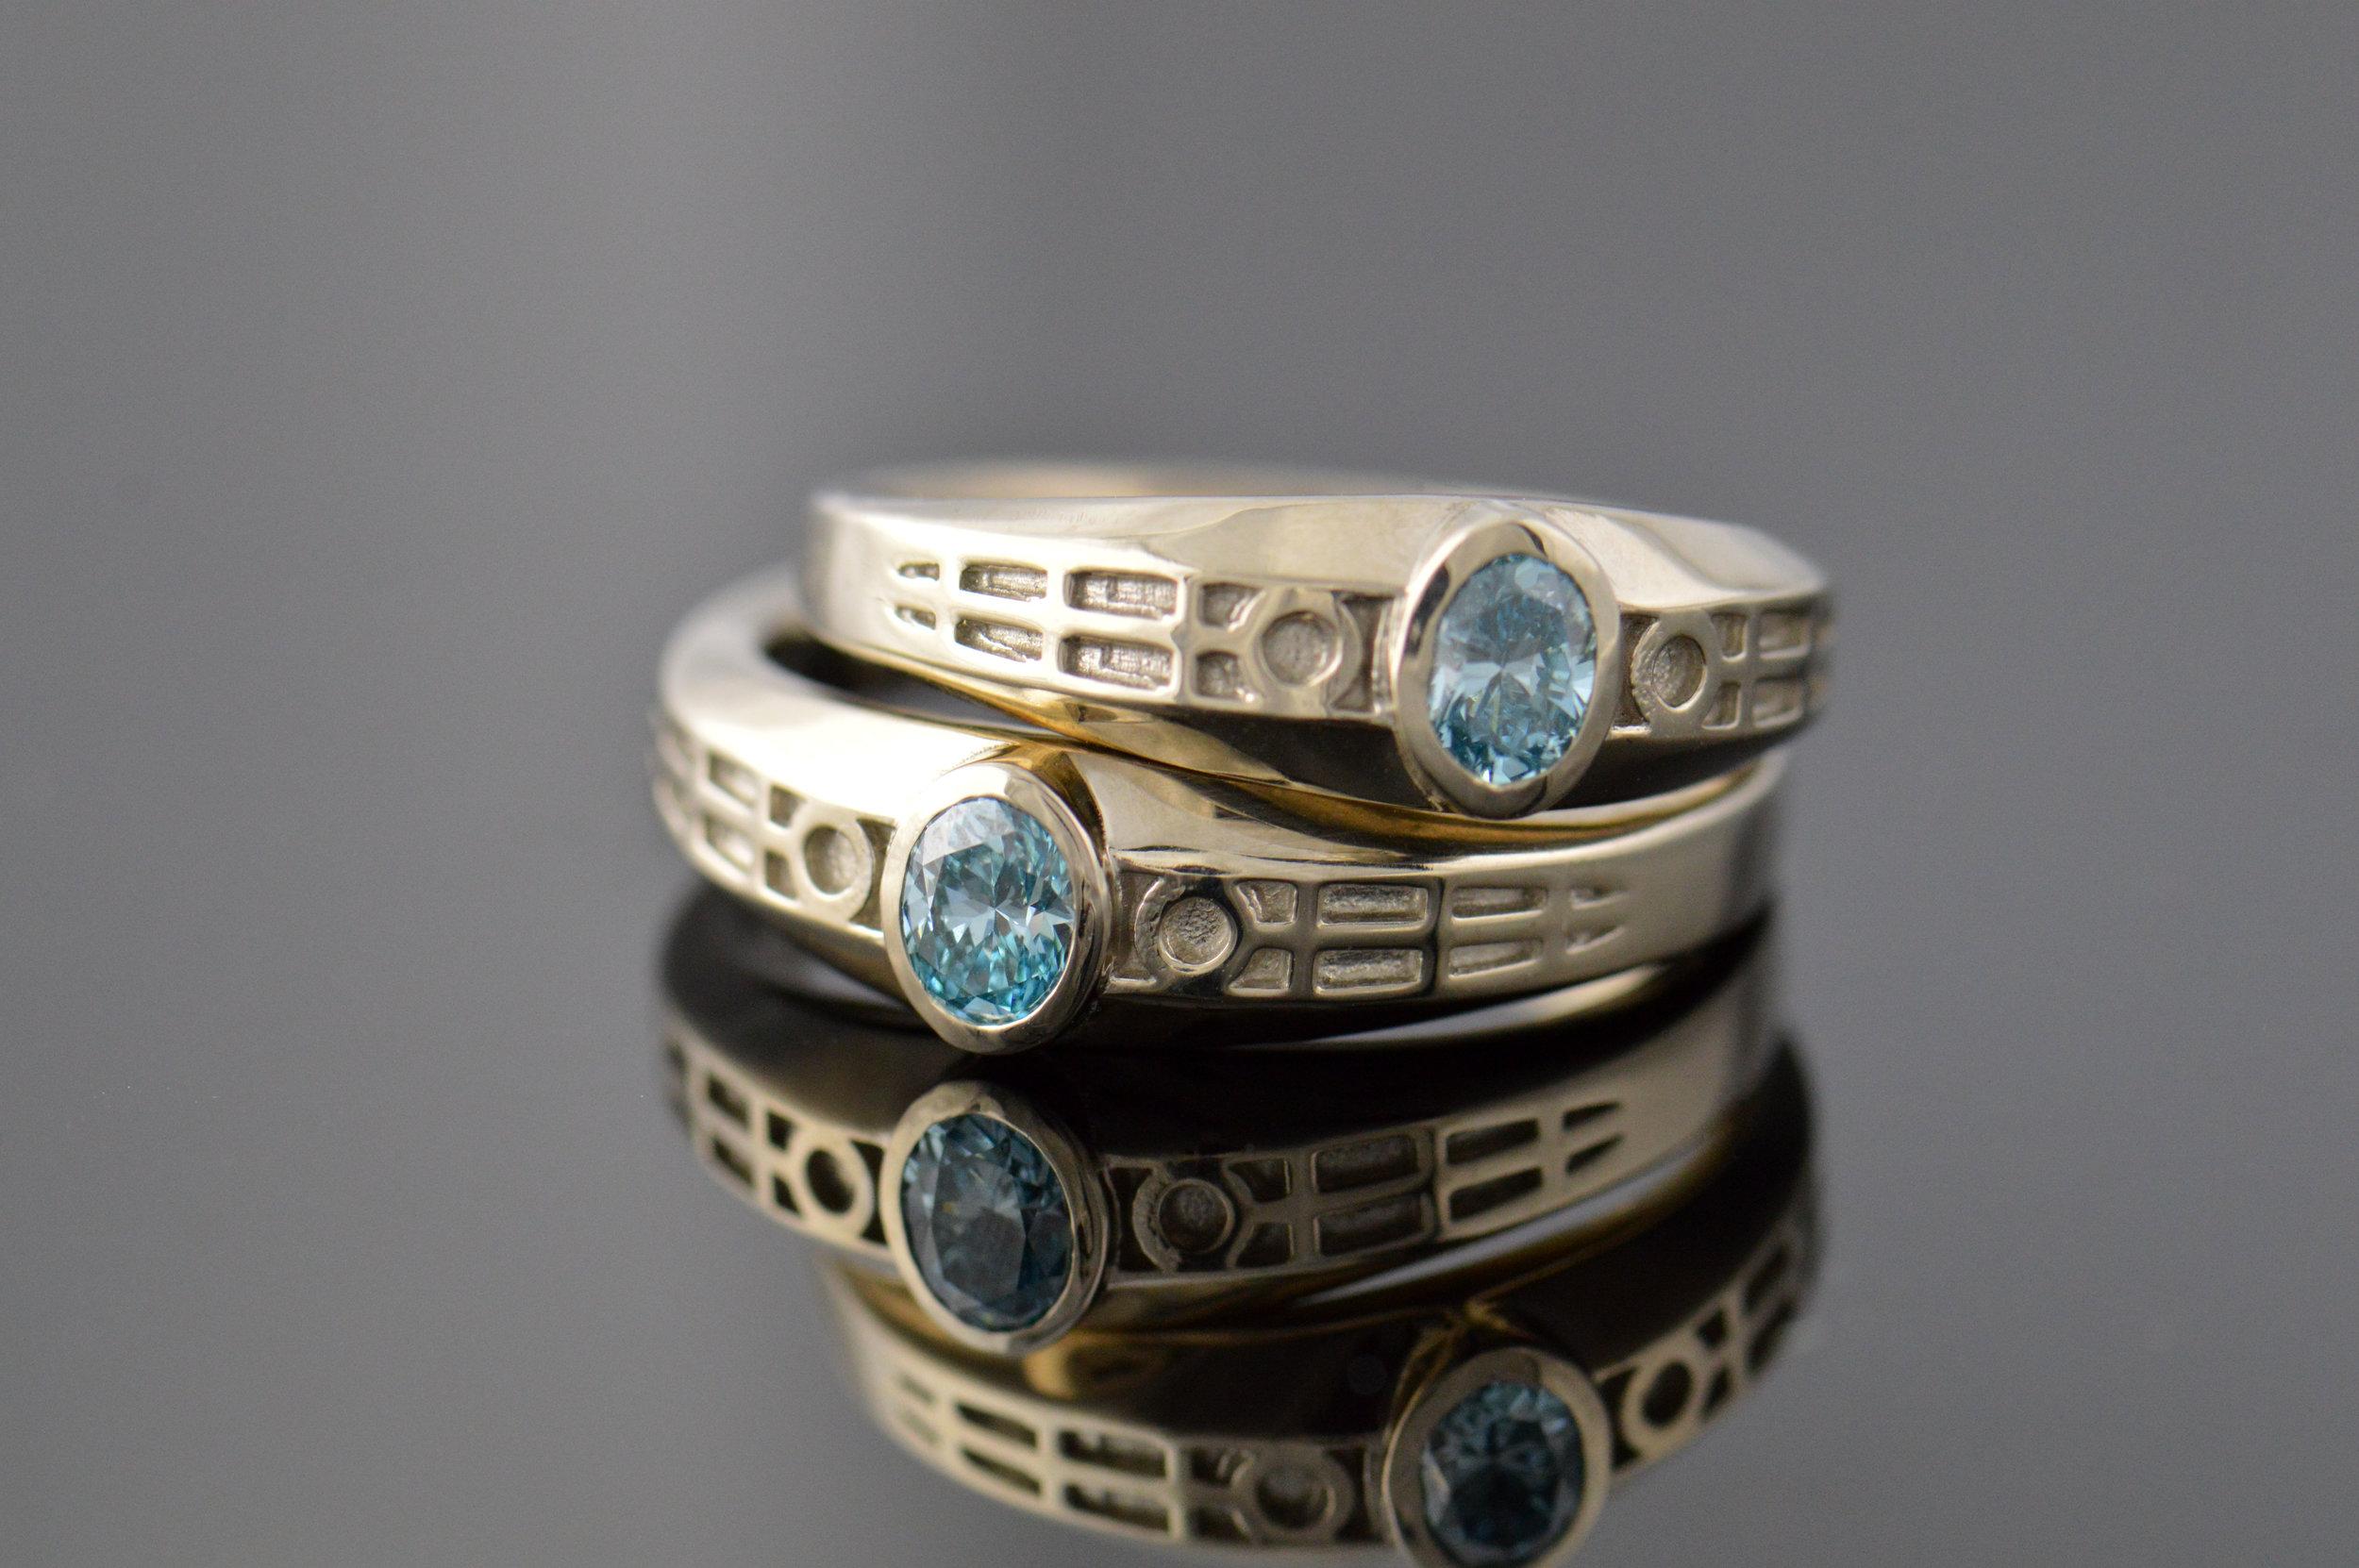 darvier-blue-zircon-white-gold-wedding-set.JPG